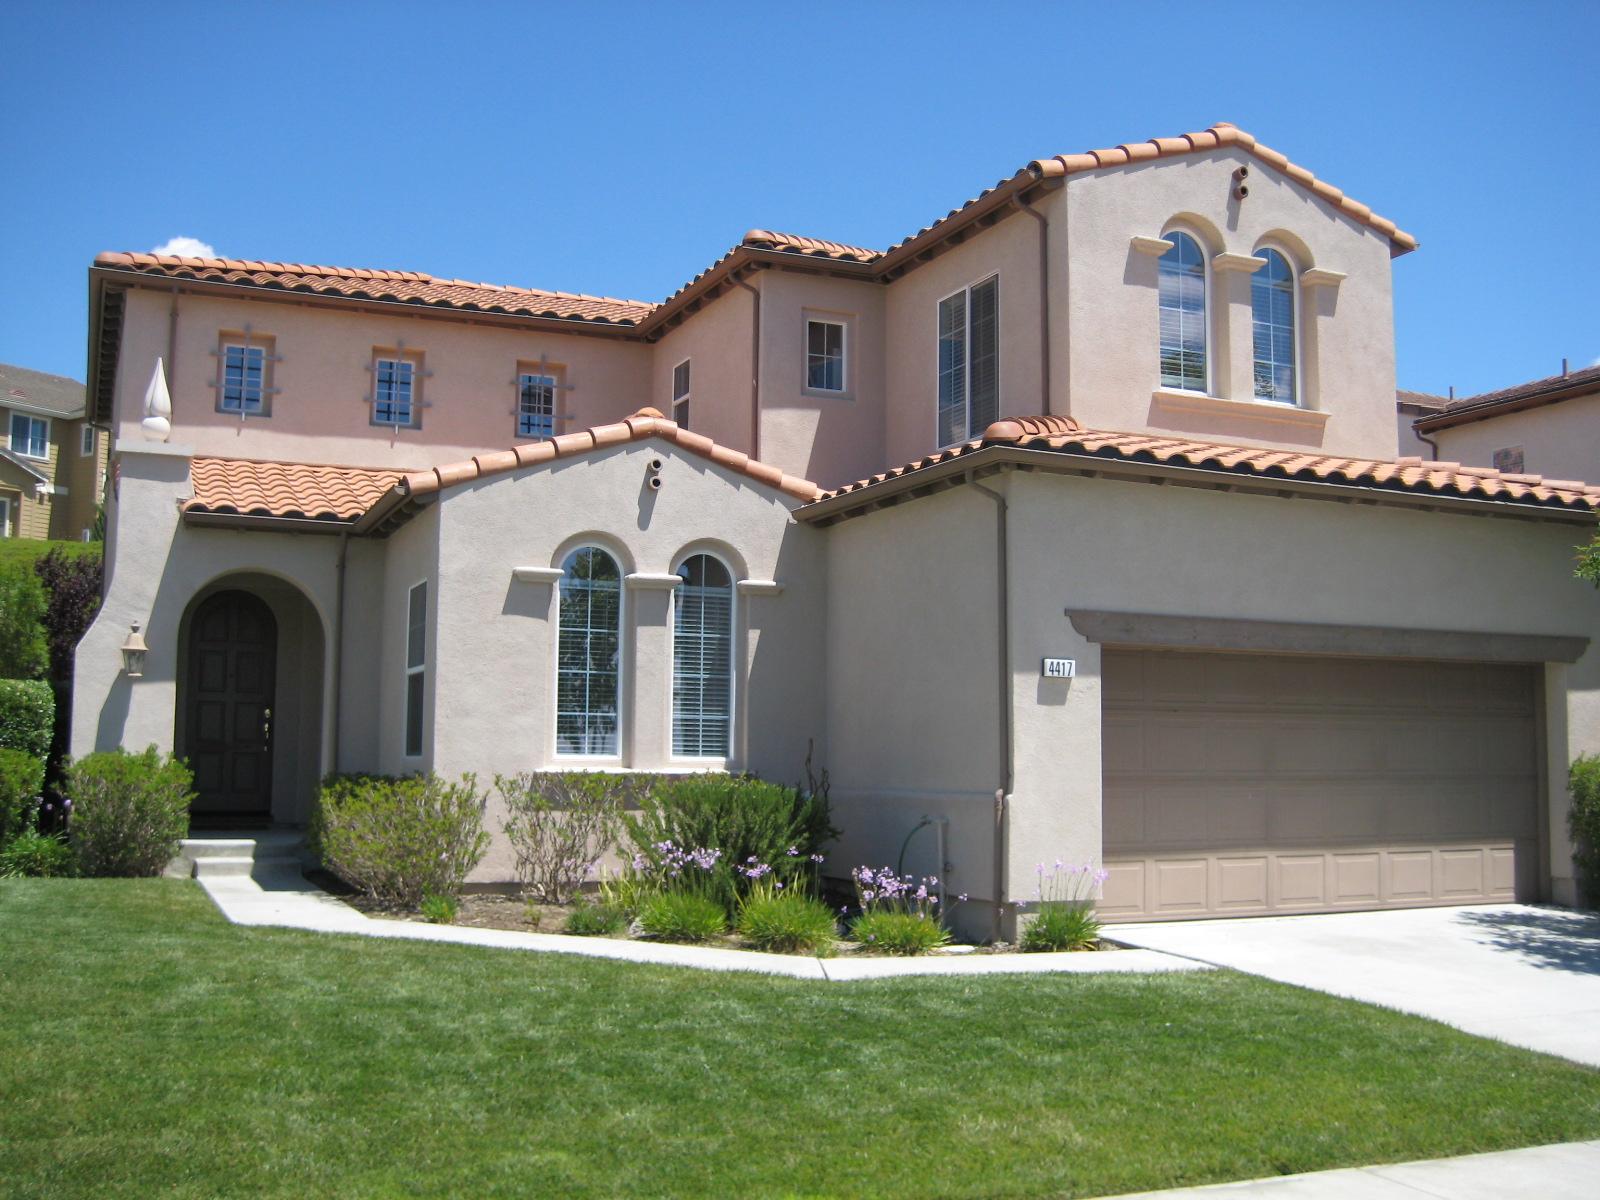 Complete Home Remodeling Jmarvinhandyman